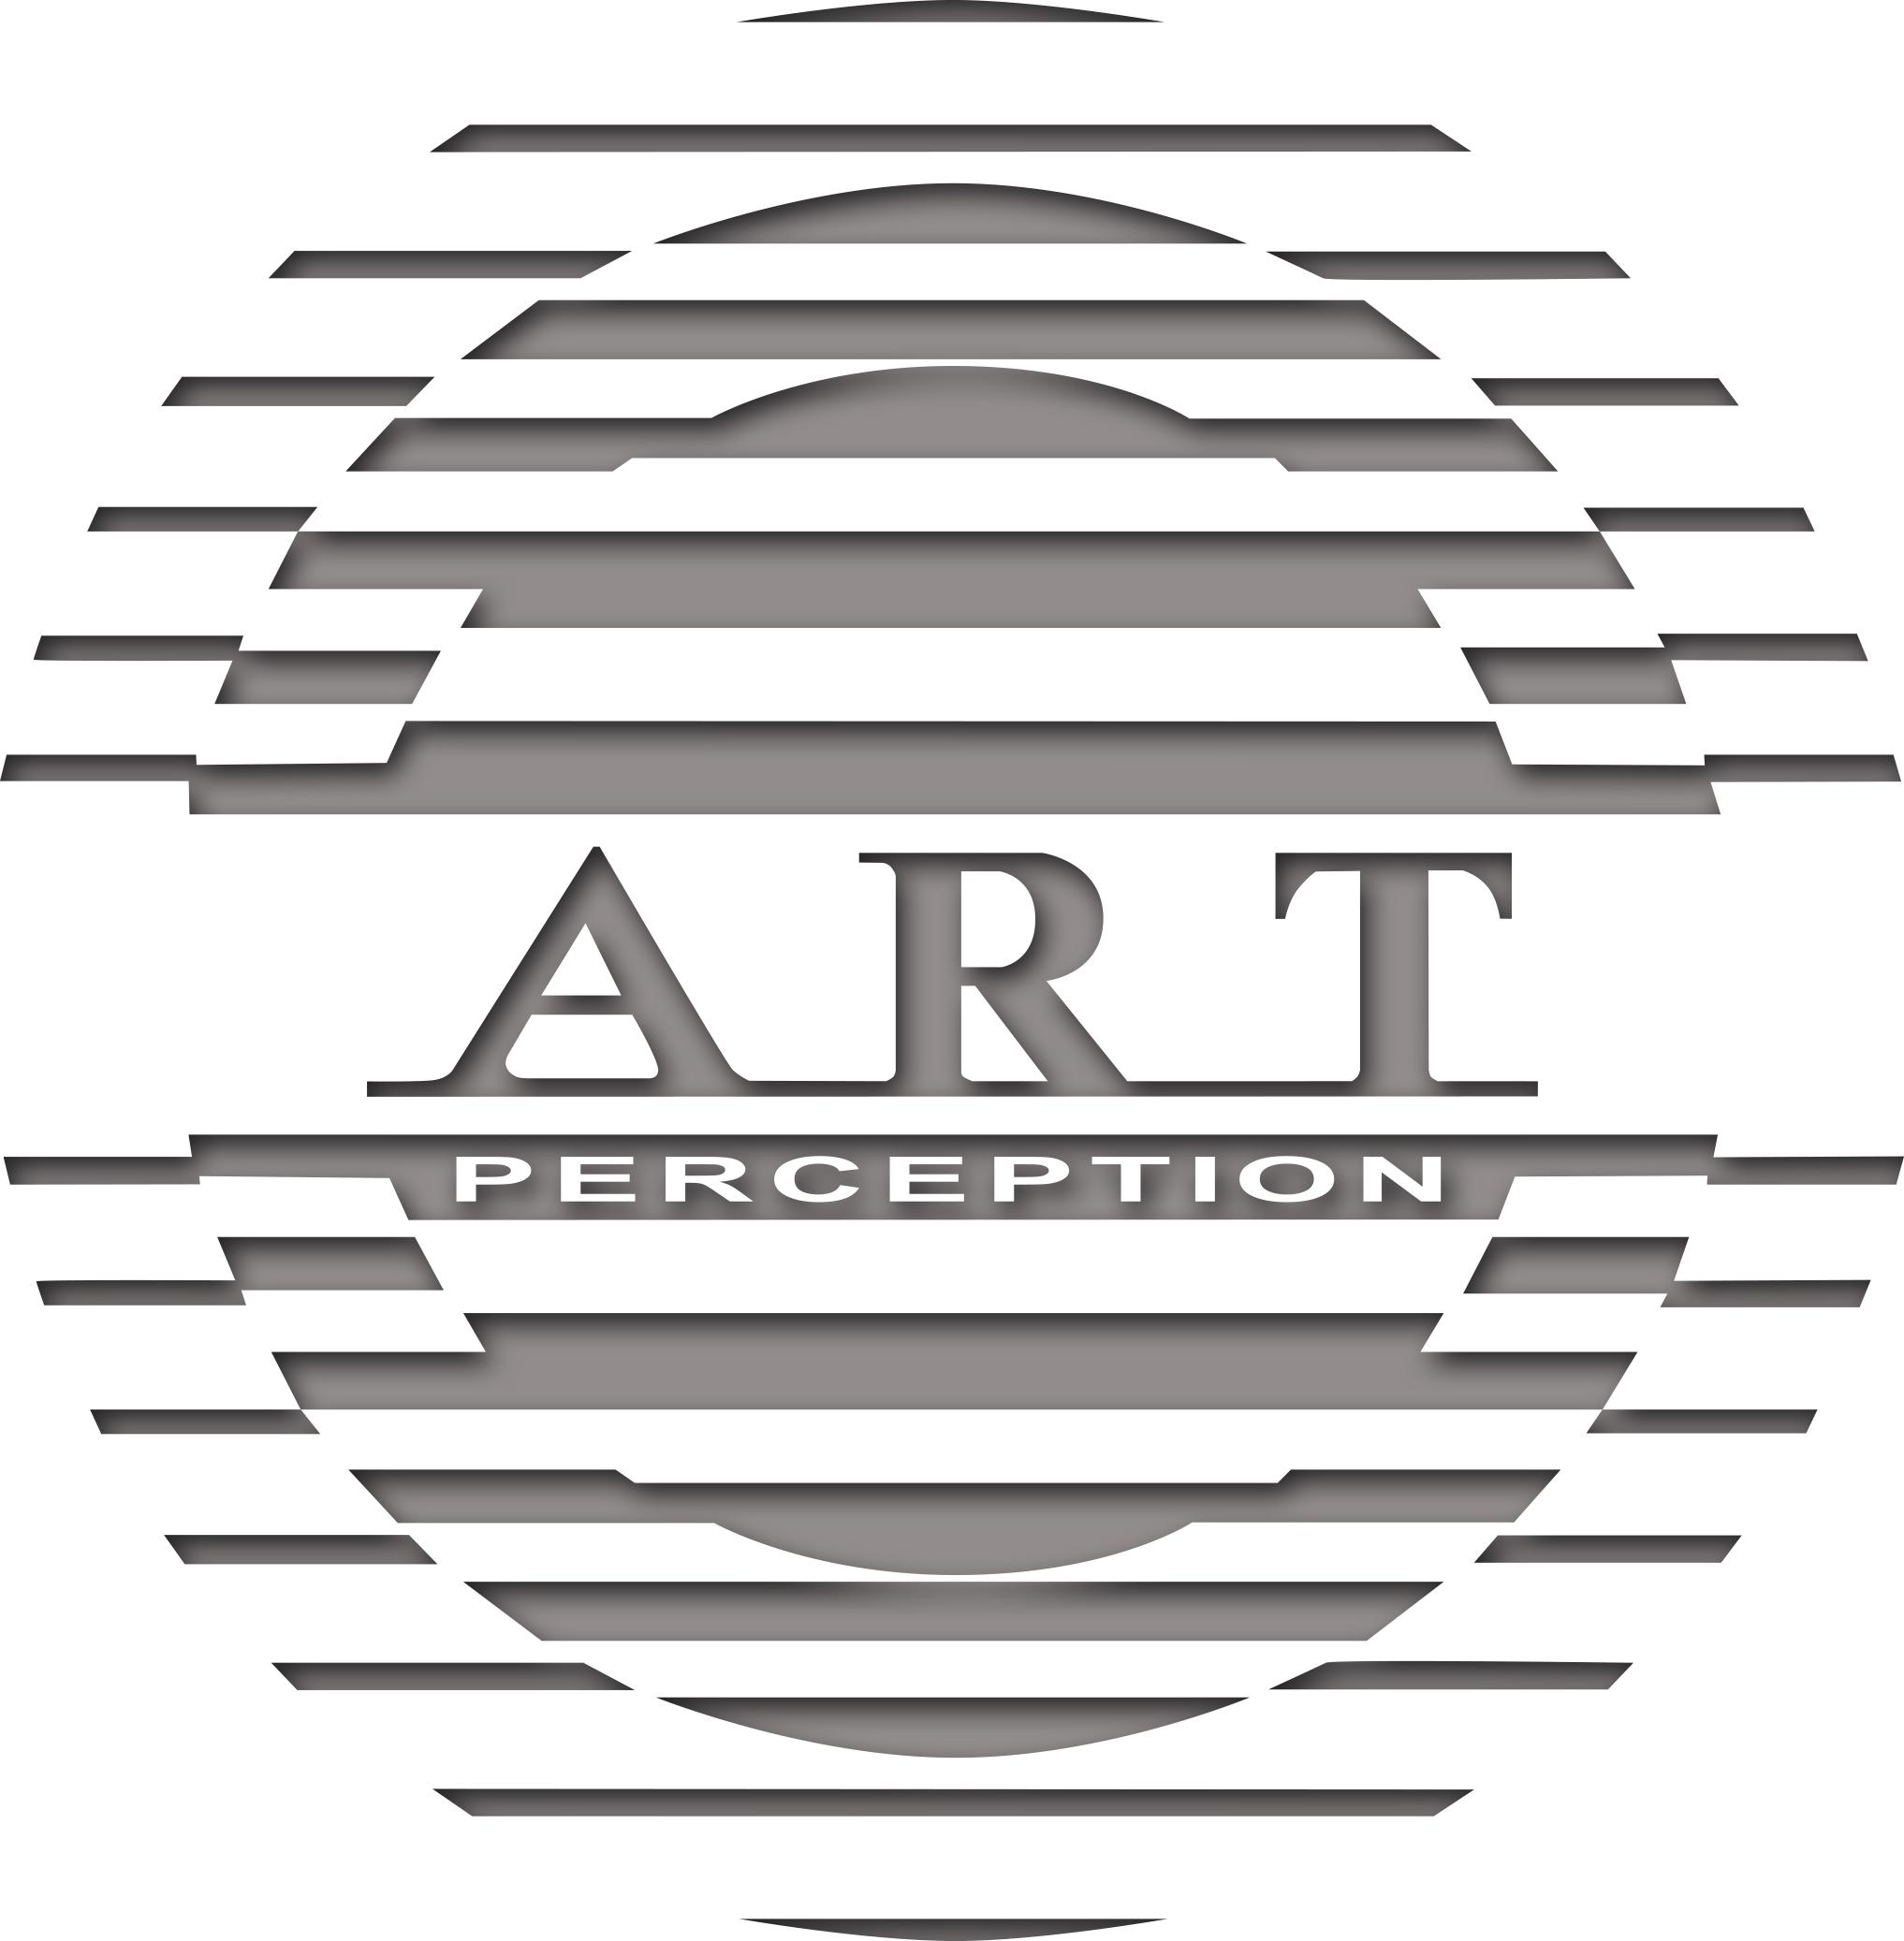 Logo ART PERCEPTION.g.jpg